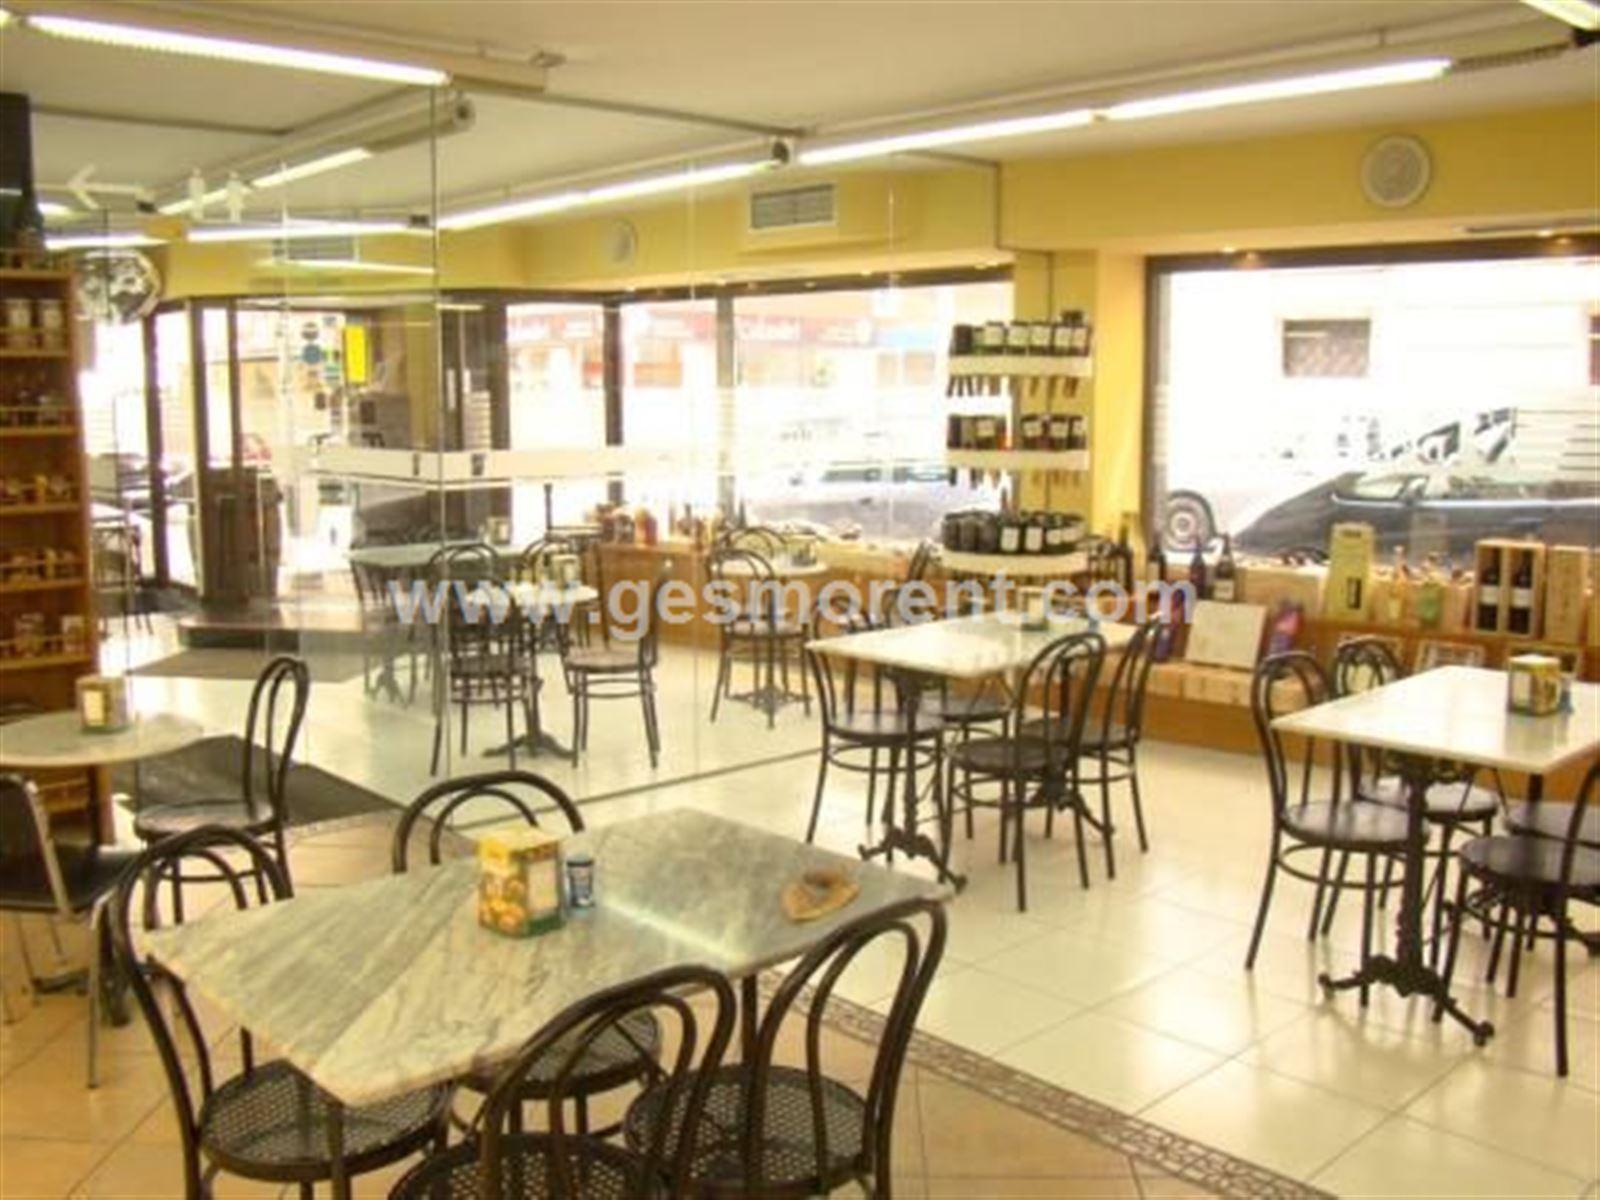 Traspaso Local Comercial  Palma de mallorca - centro. Local comercial en alquiler y traspaso en plaza los patines